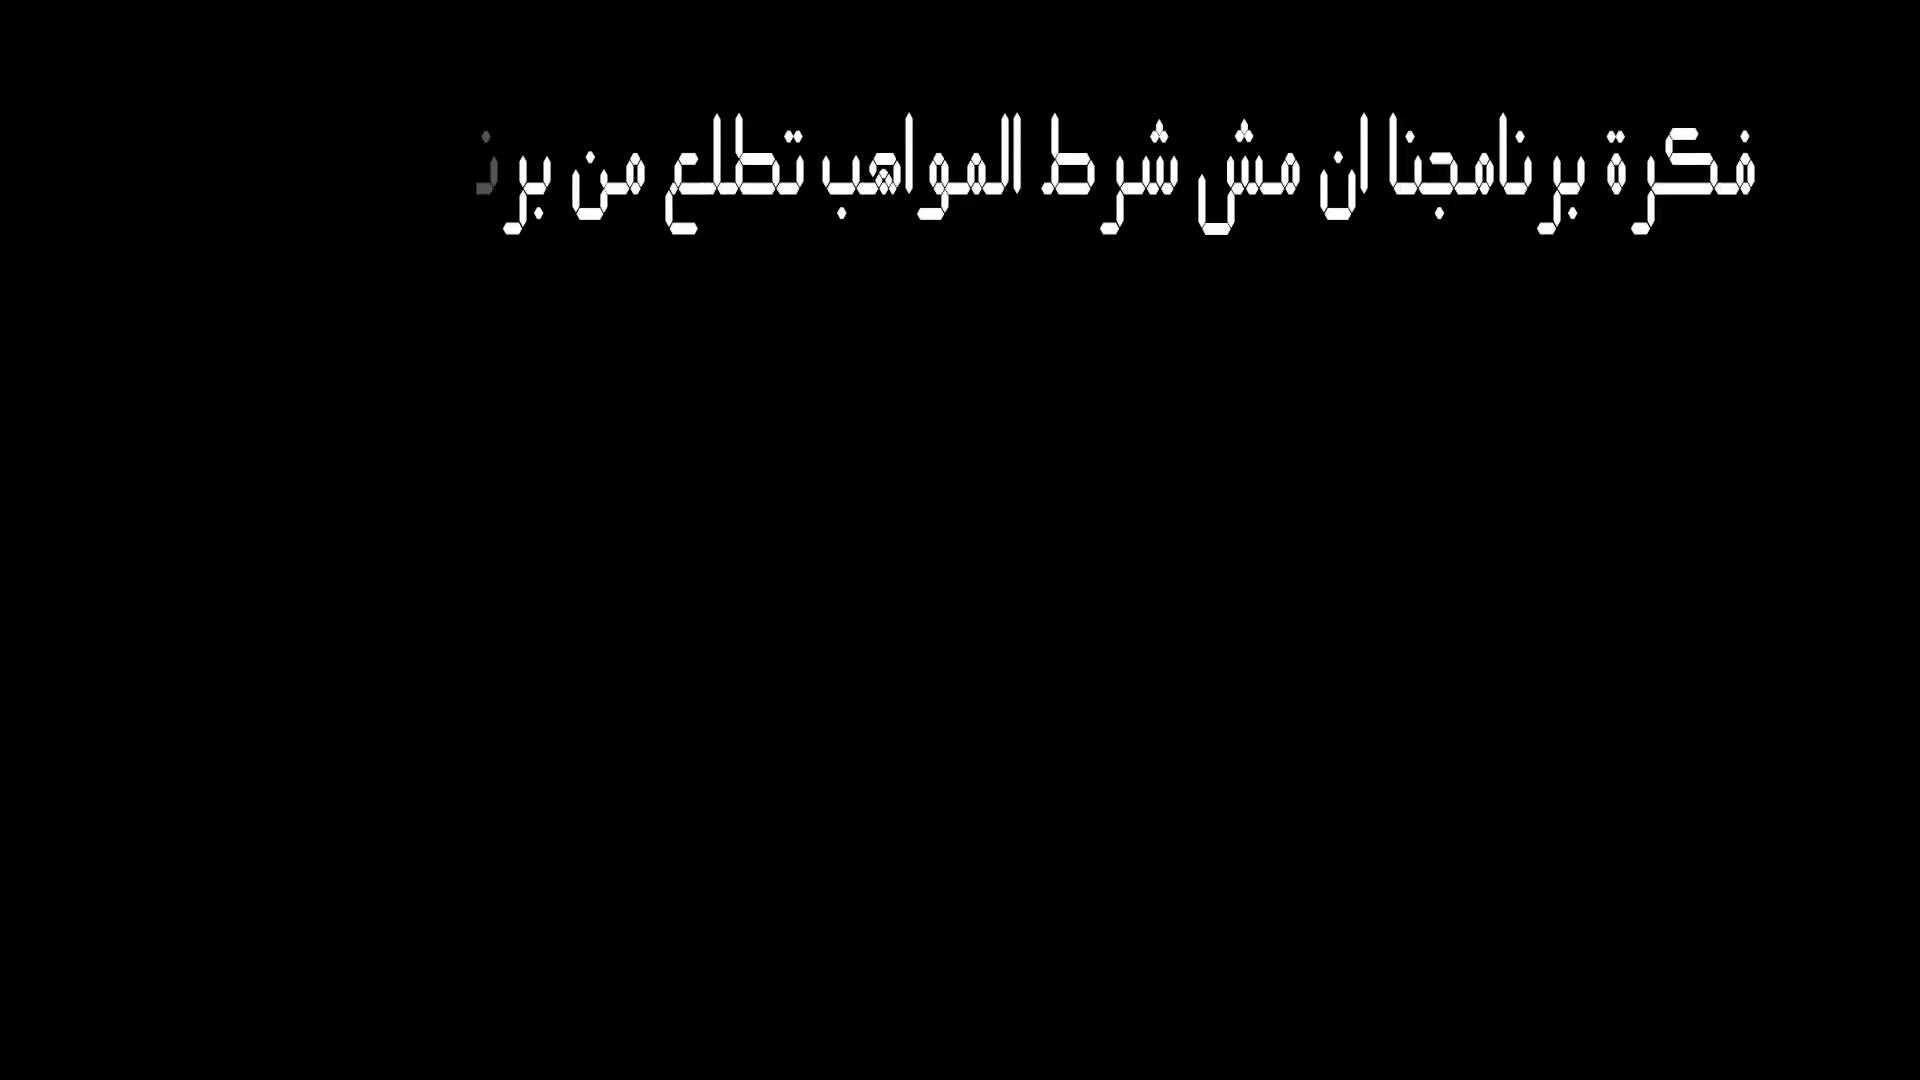 اغنية حلو الحلو لمريم صالح - متسابقة هدير فرج - مسابقة مواهب فى الشارع